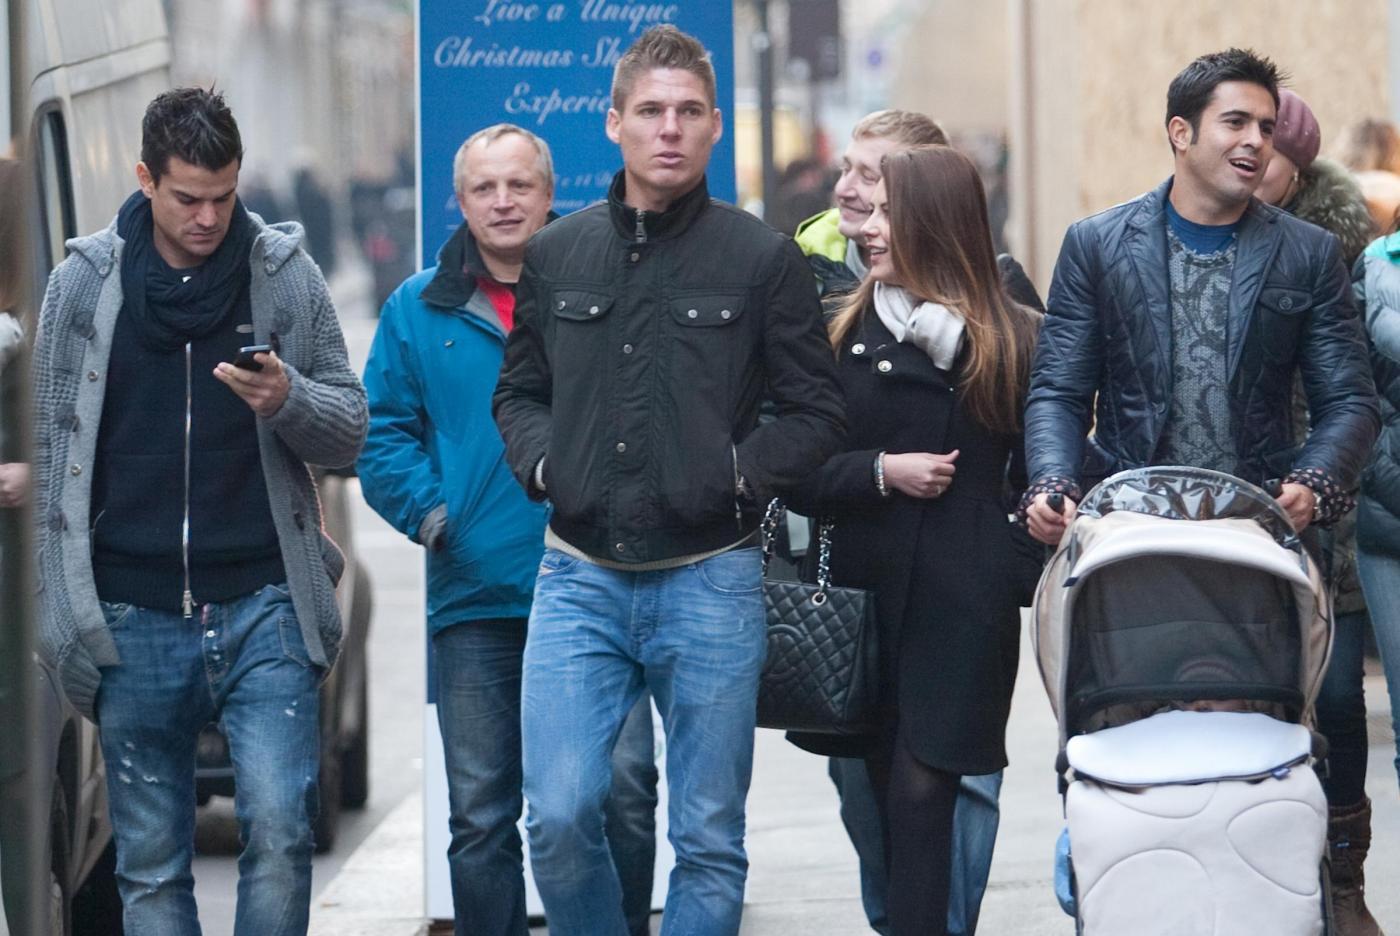 Eder Martins shopping in via Montenapoleone con la famiglia02